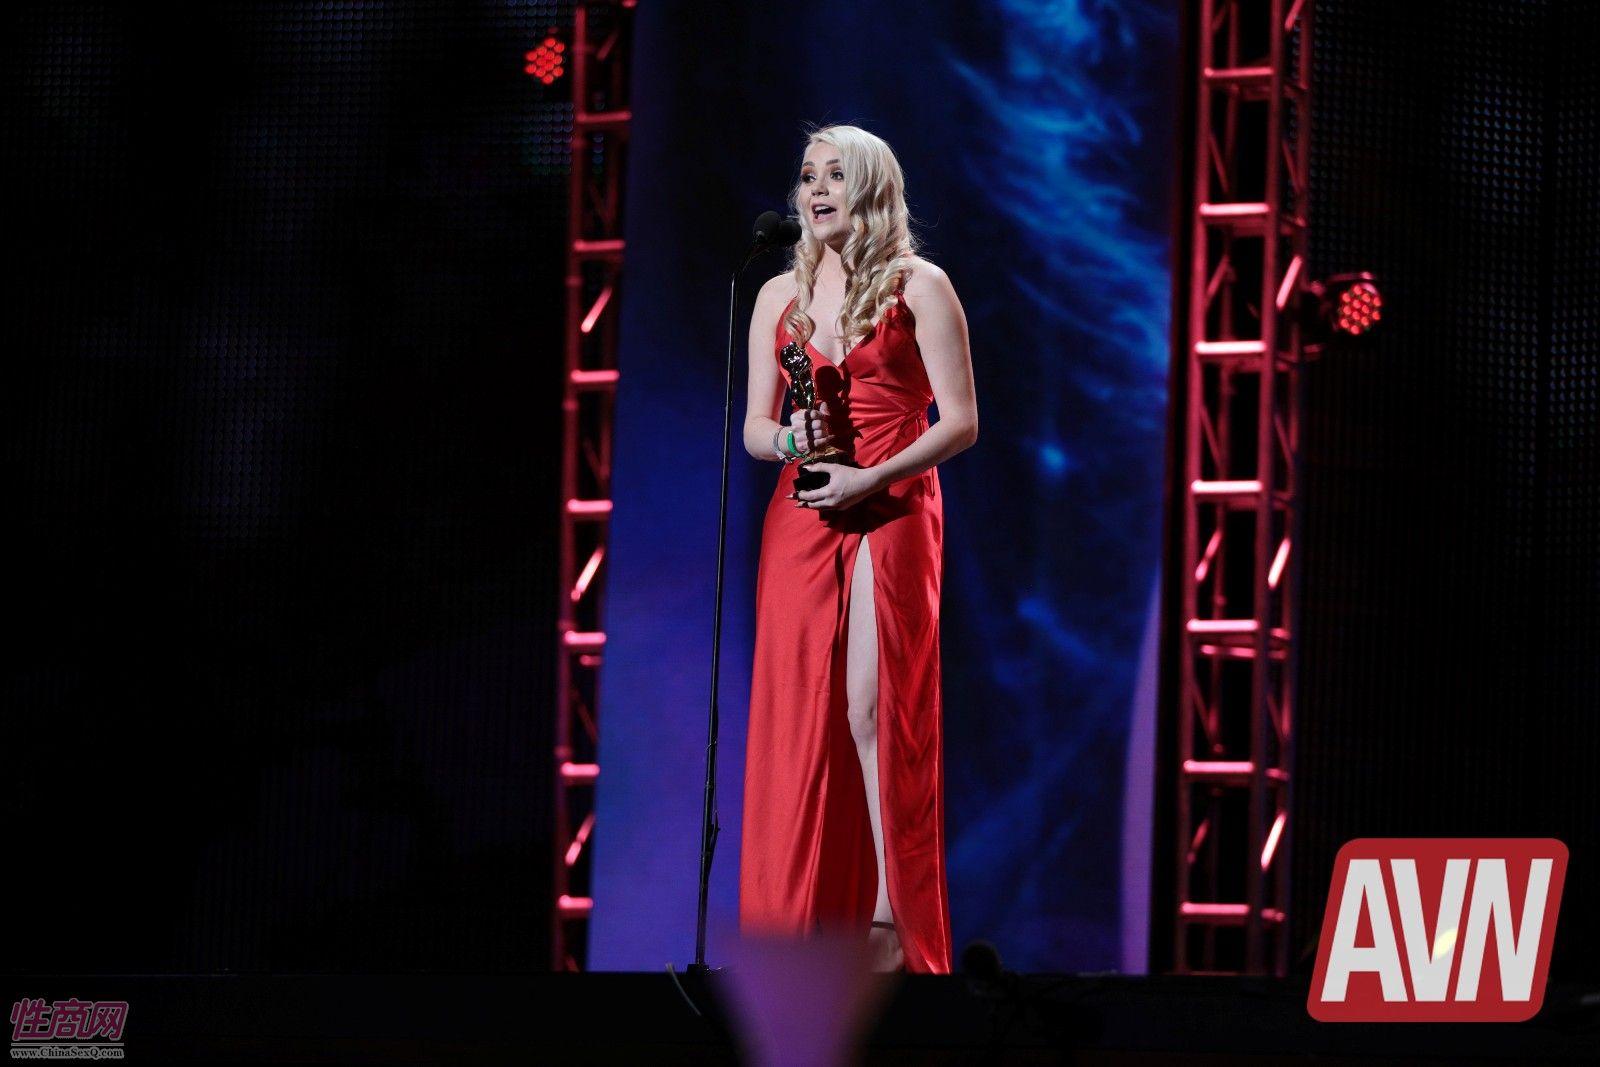 获奖女明星身穿红色晚礼服非常优雅